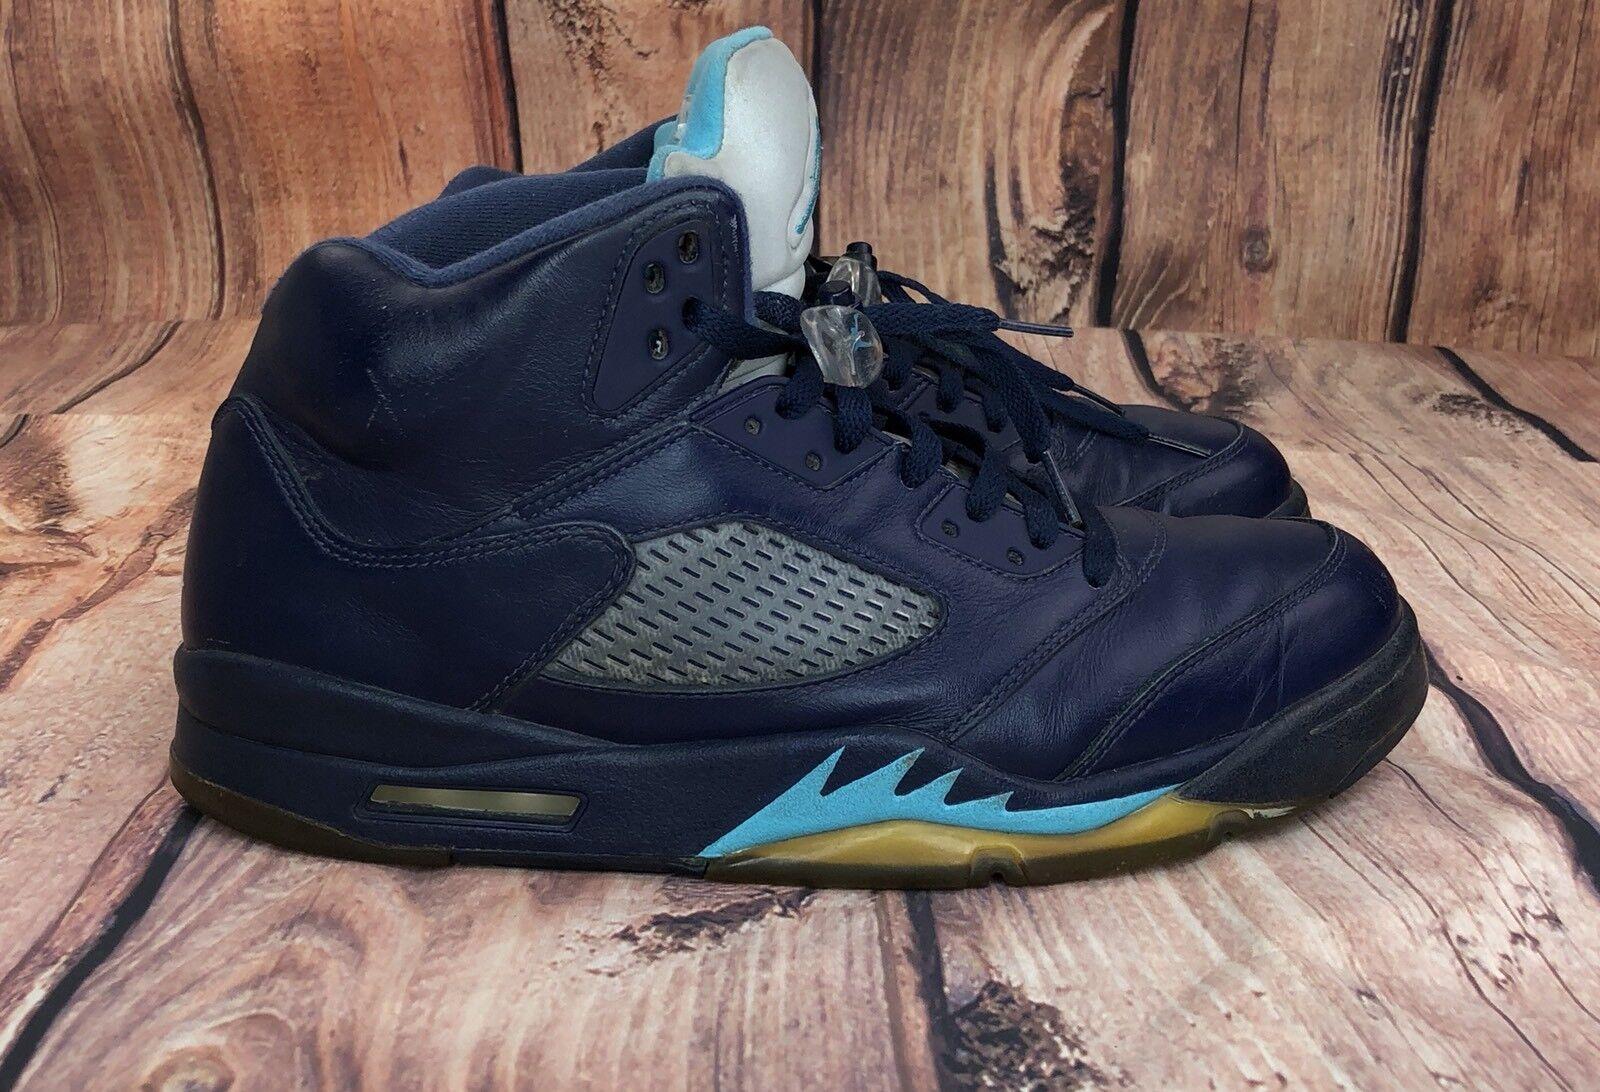 NIKE JORDAN 5 RETRO HORNETS Men Shoe Size 11.5 136027-405